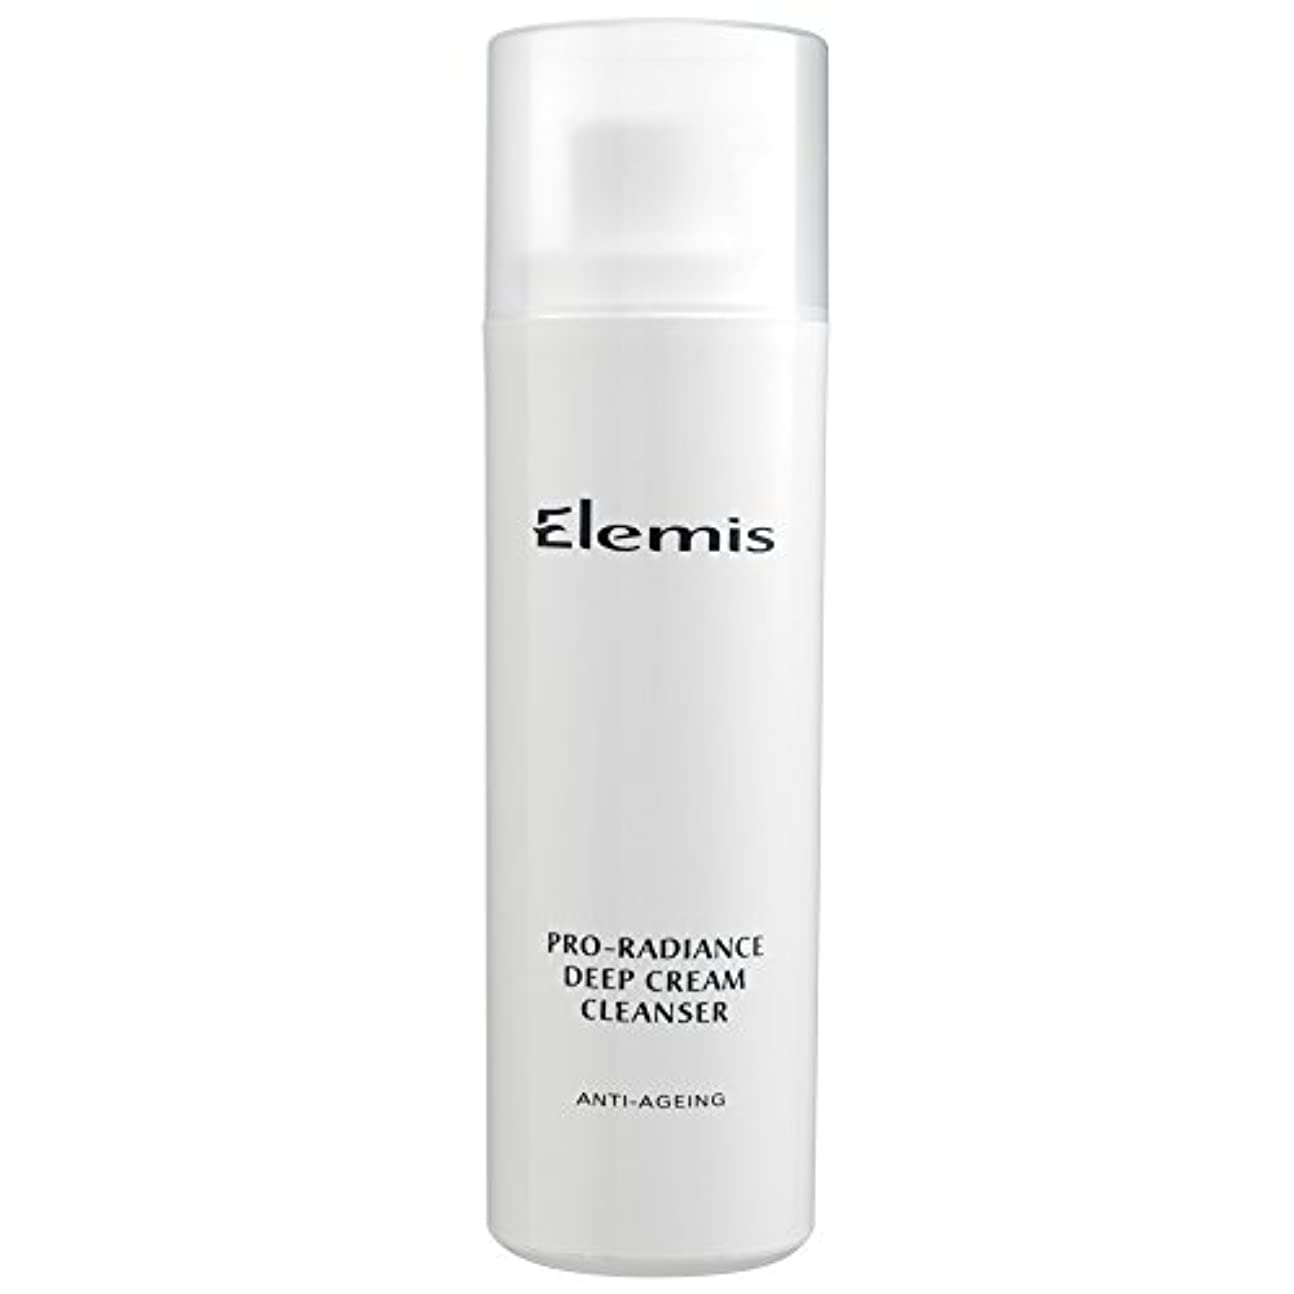 包括的インチタイマーエレミスプロ輝きクリームクレンザー、150ミリリットル (Elemis) (x6) - Elemis Pro-Radiance Cream Cleanser, 150ml (Pack of 6) [並行輸入品]